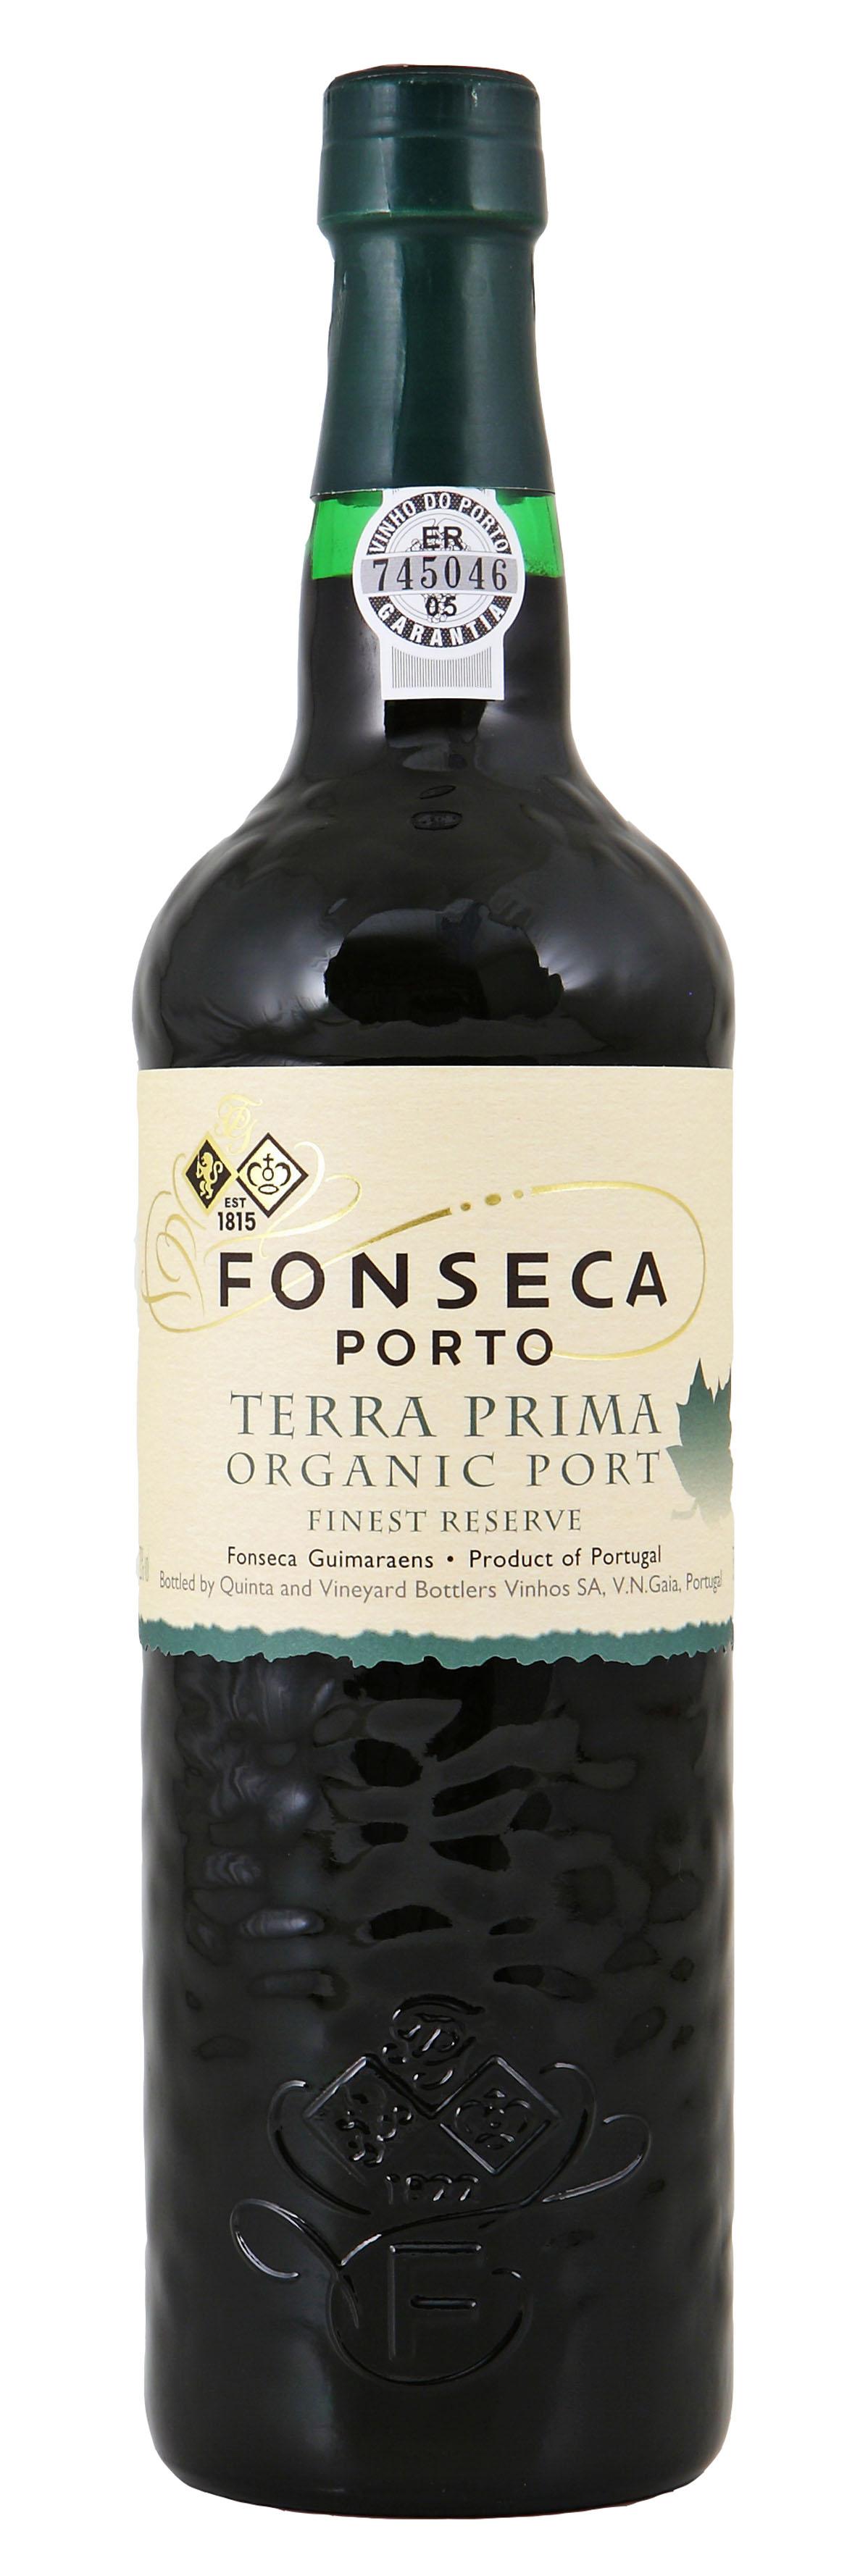 Terra Prima (Organic)